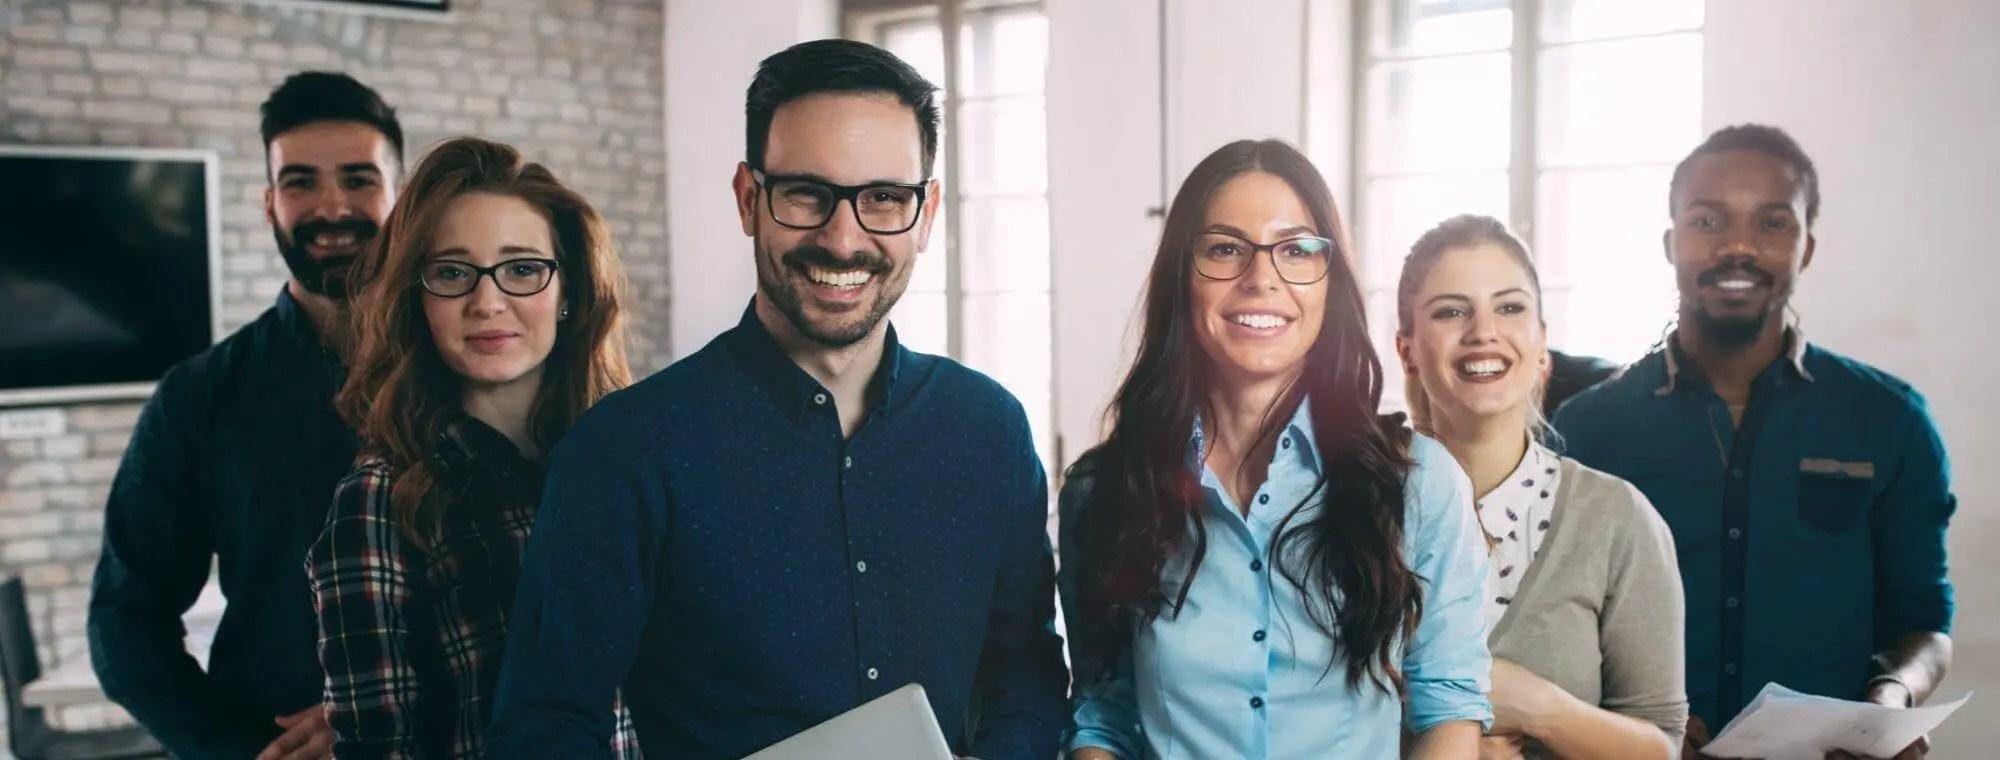 Mitarbeiter der Online Marketing Agentur Bennet Arp